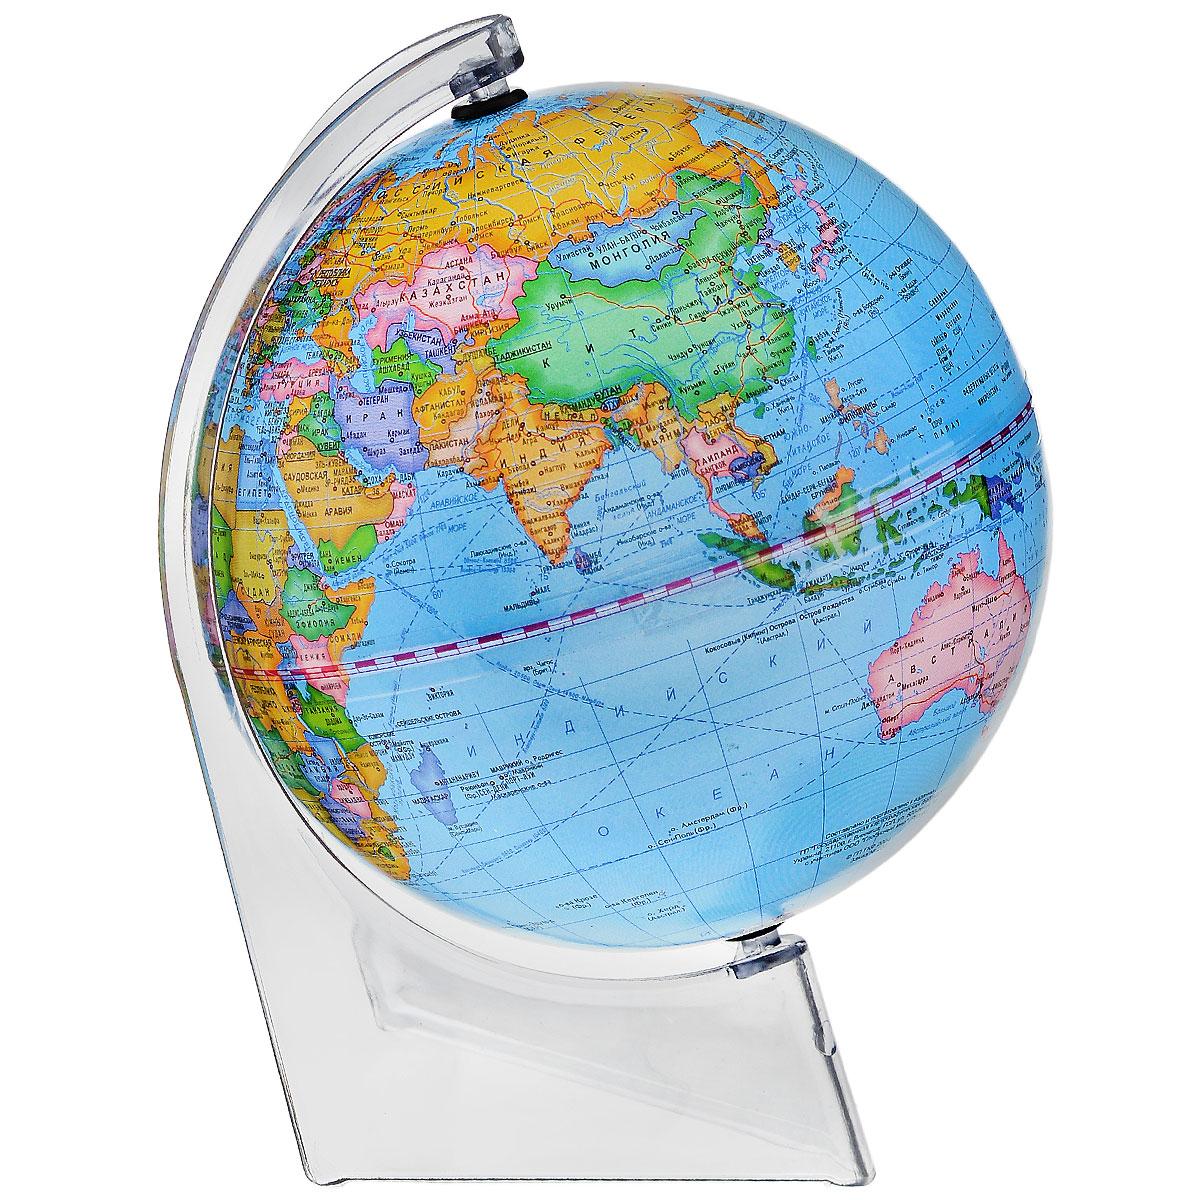 Глобусный мир Глобус с политической картой мира, диаметр 15 см 10250